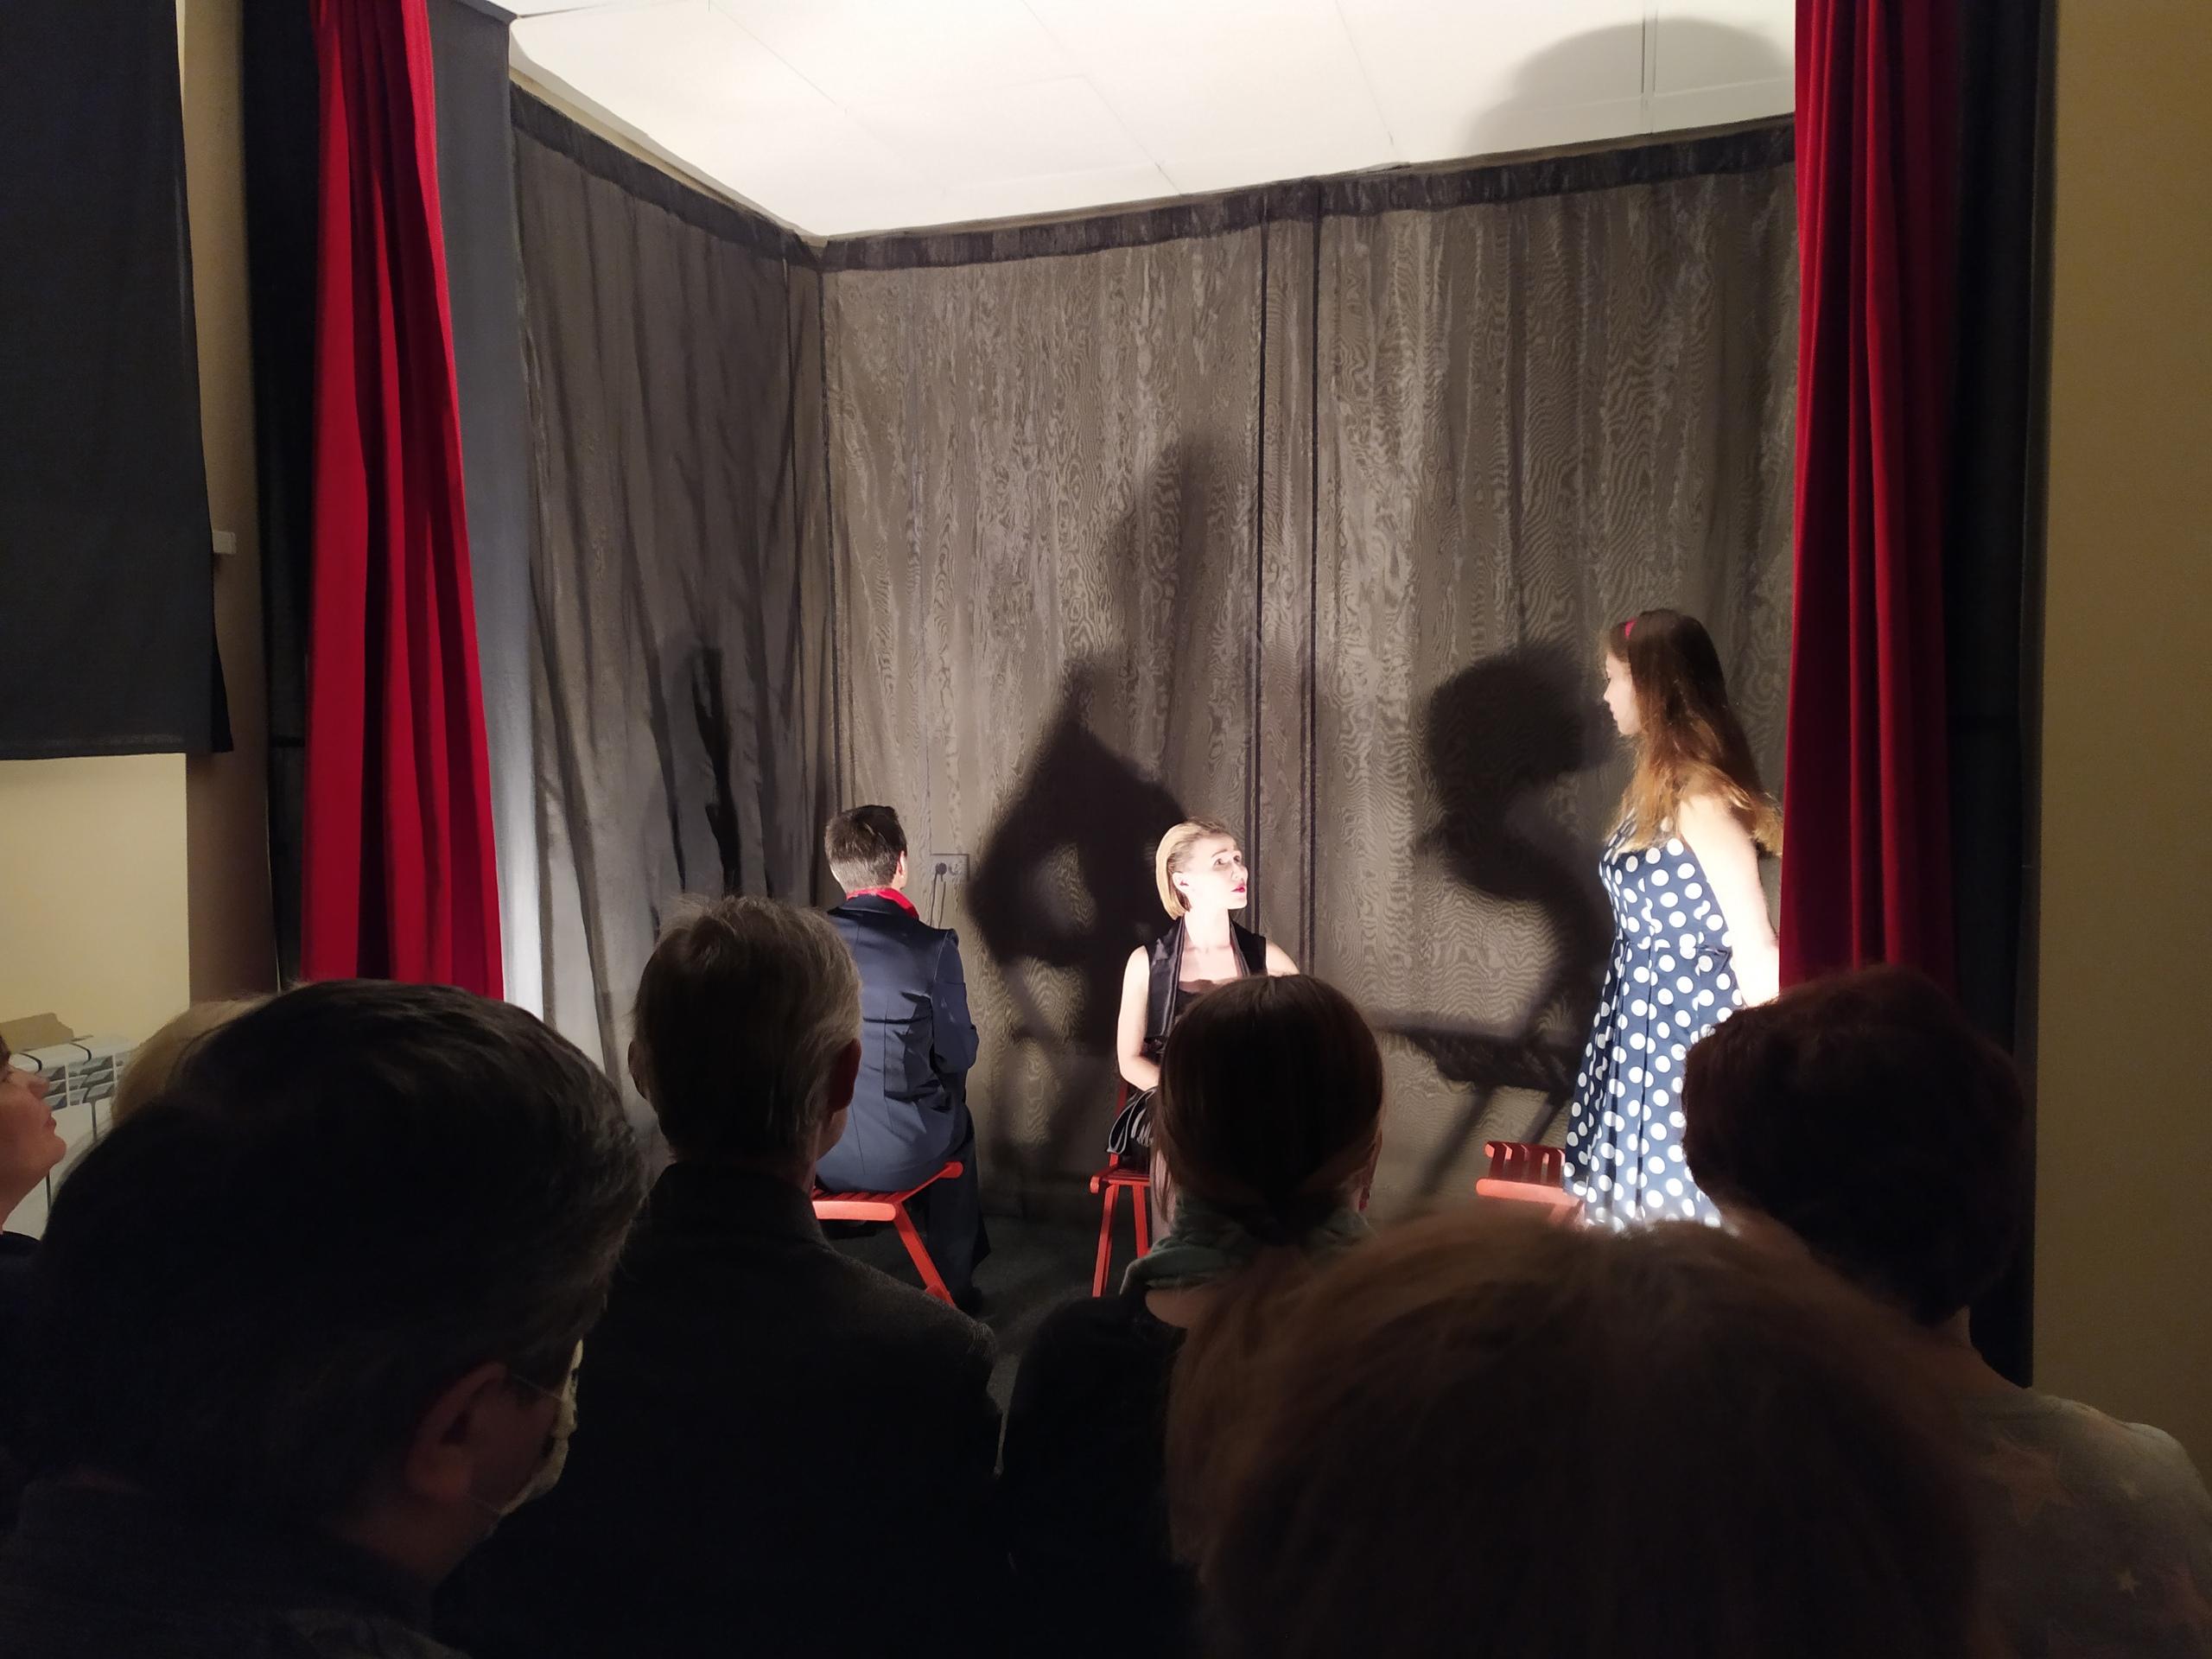 Назло коронавирусу: любительский театр дал премьеру сложного спектакля в Твери